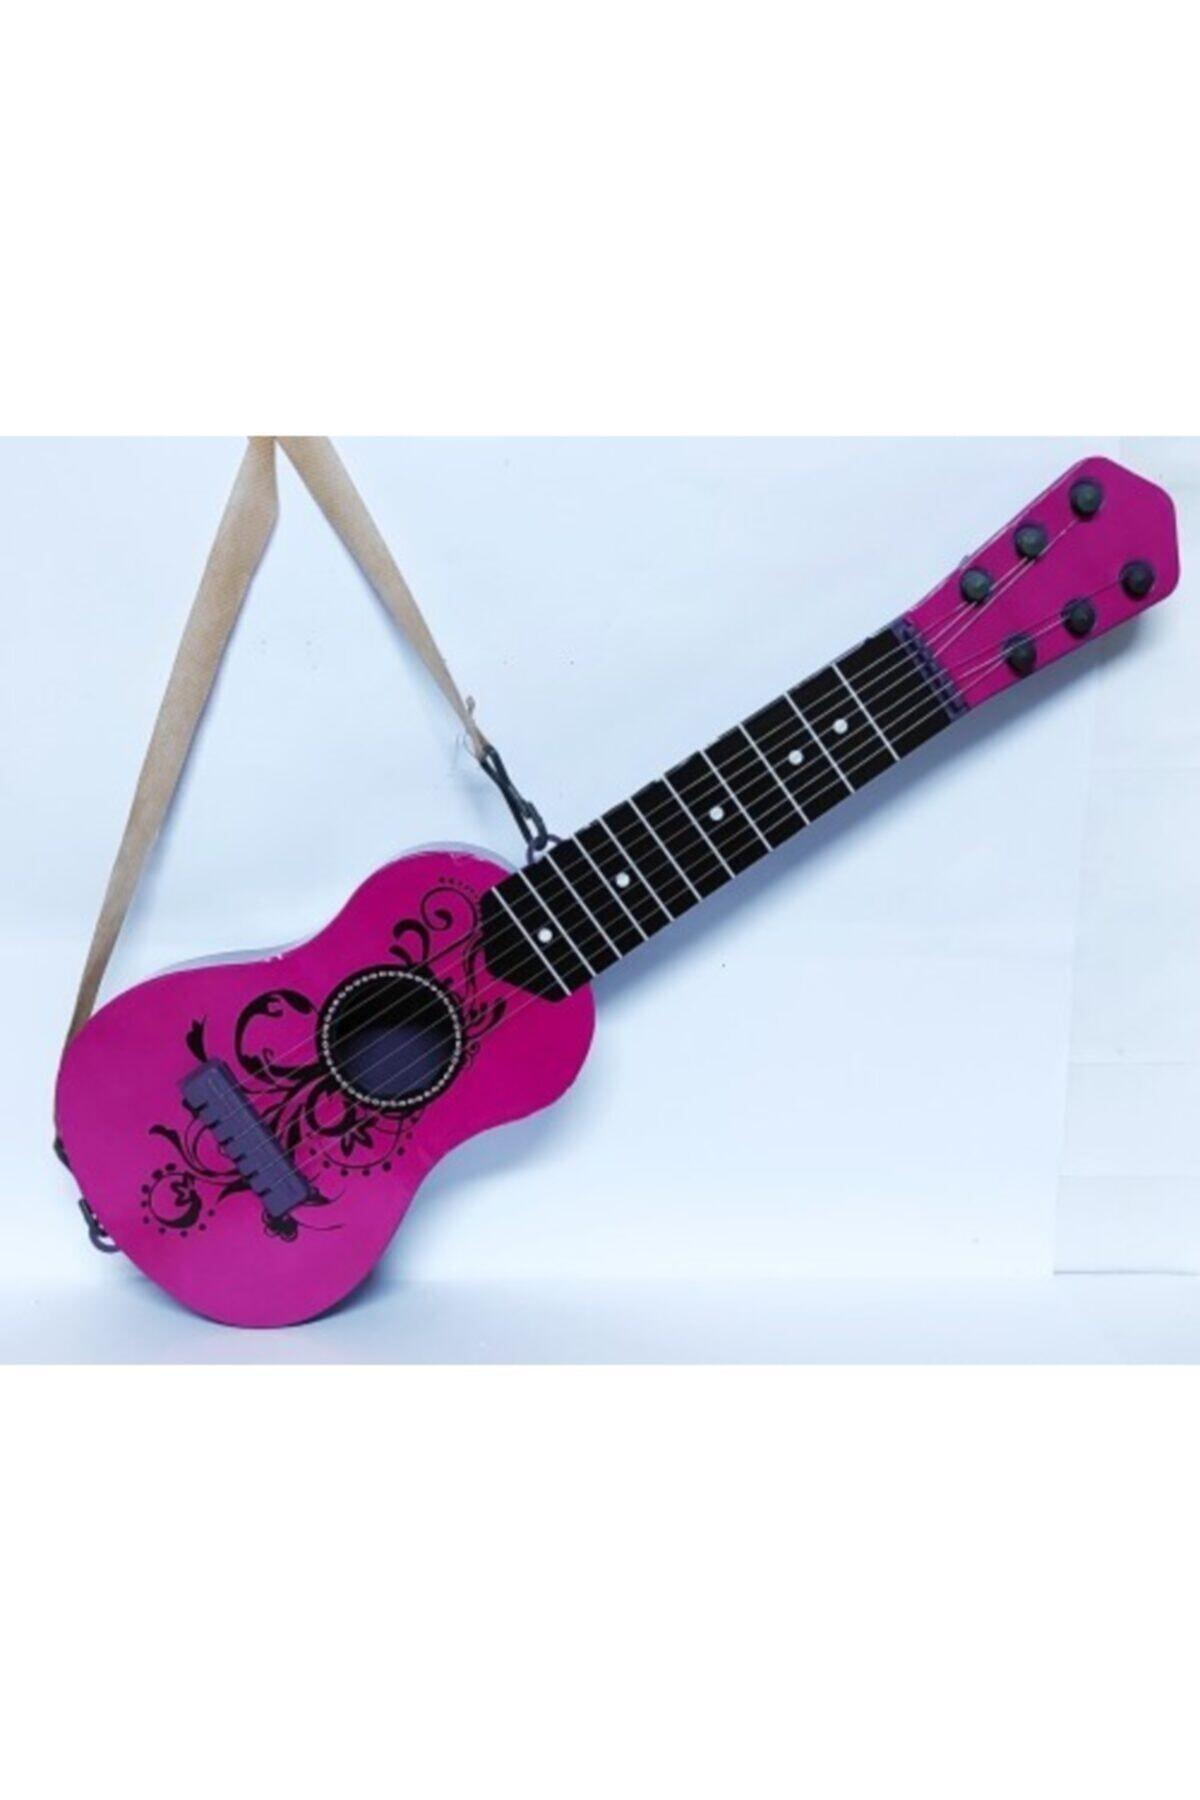 Brother Toys 48 Cm. Boyunda Oyuncak Pembe Ispanyol Gitar 1